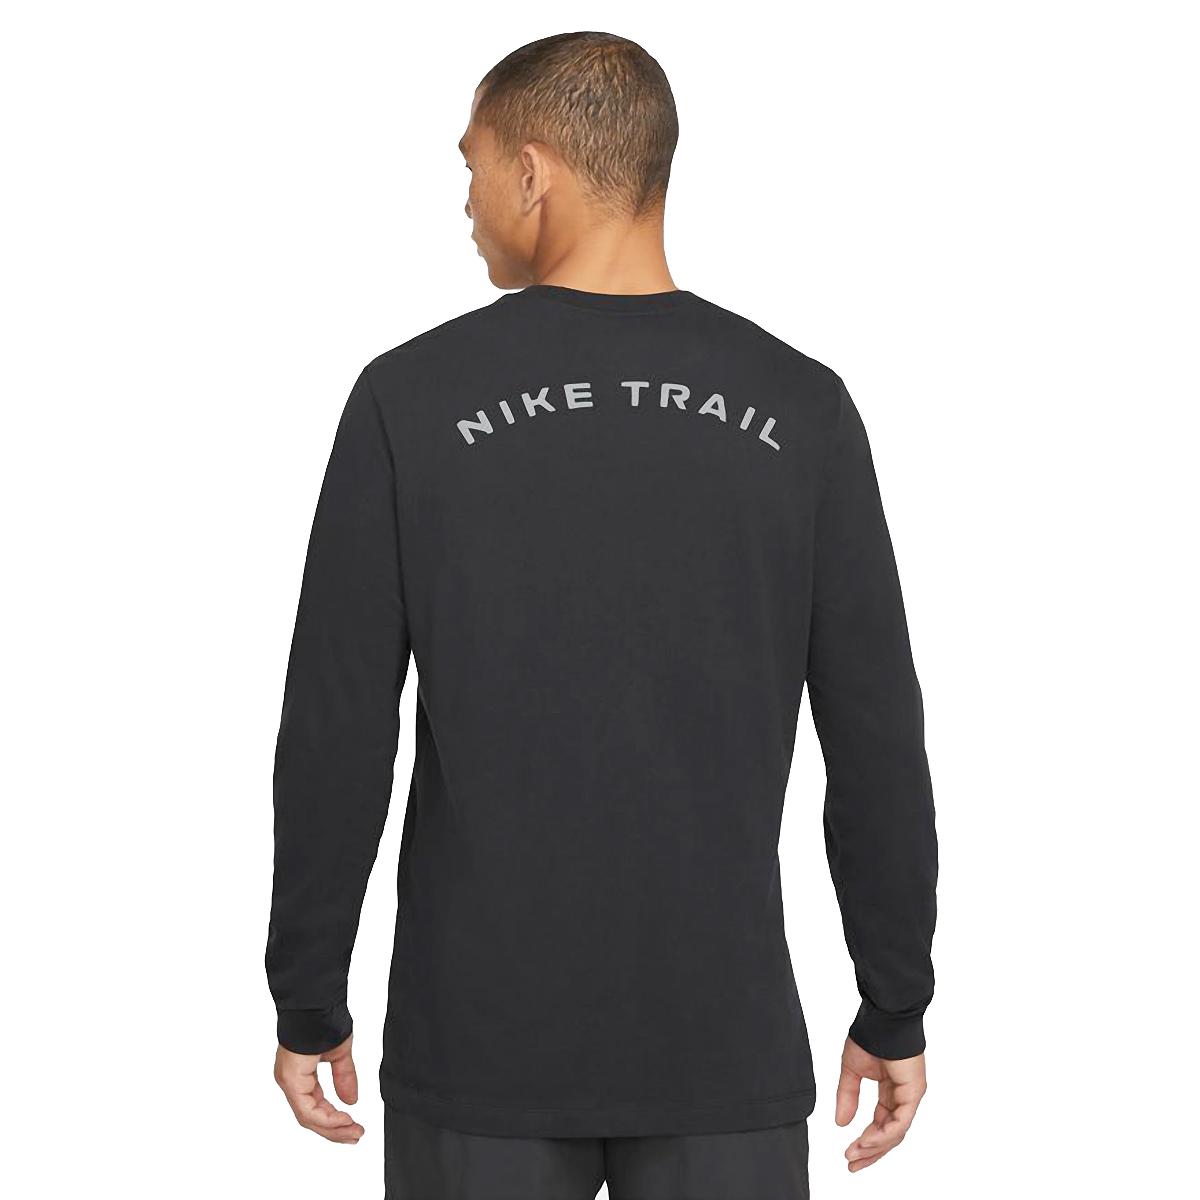 Men's Nike Dri-FIT Long-Sleeve Trail Running T-Shirt - Color: Black - Size: XS, Black, large, image 2